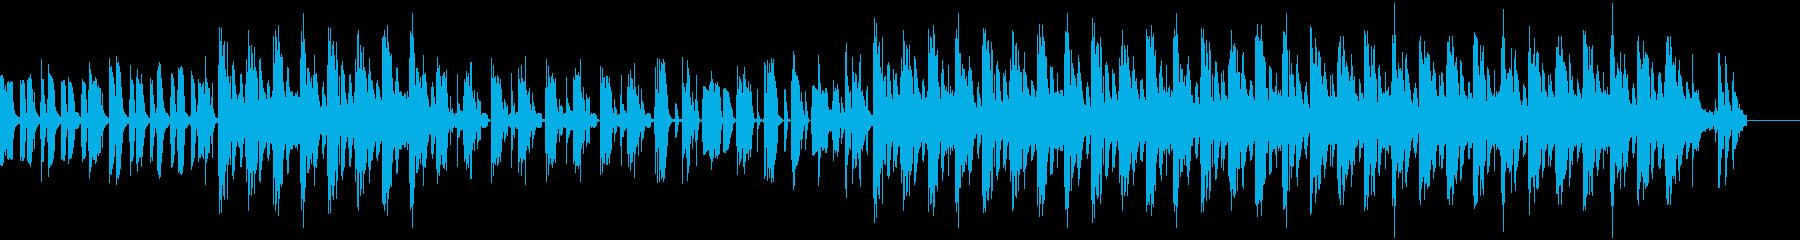 アフリカ大陸の音楽っぽいBGMの再生済みの波形